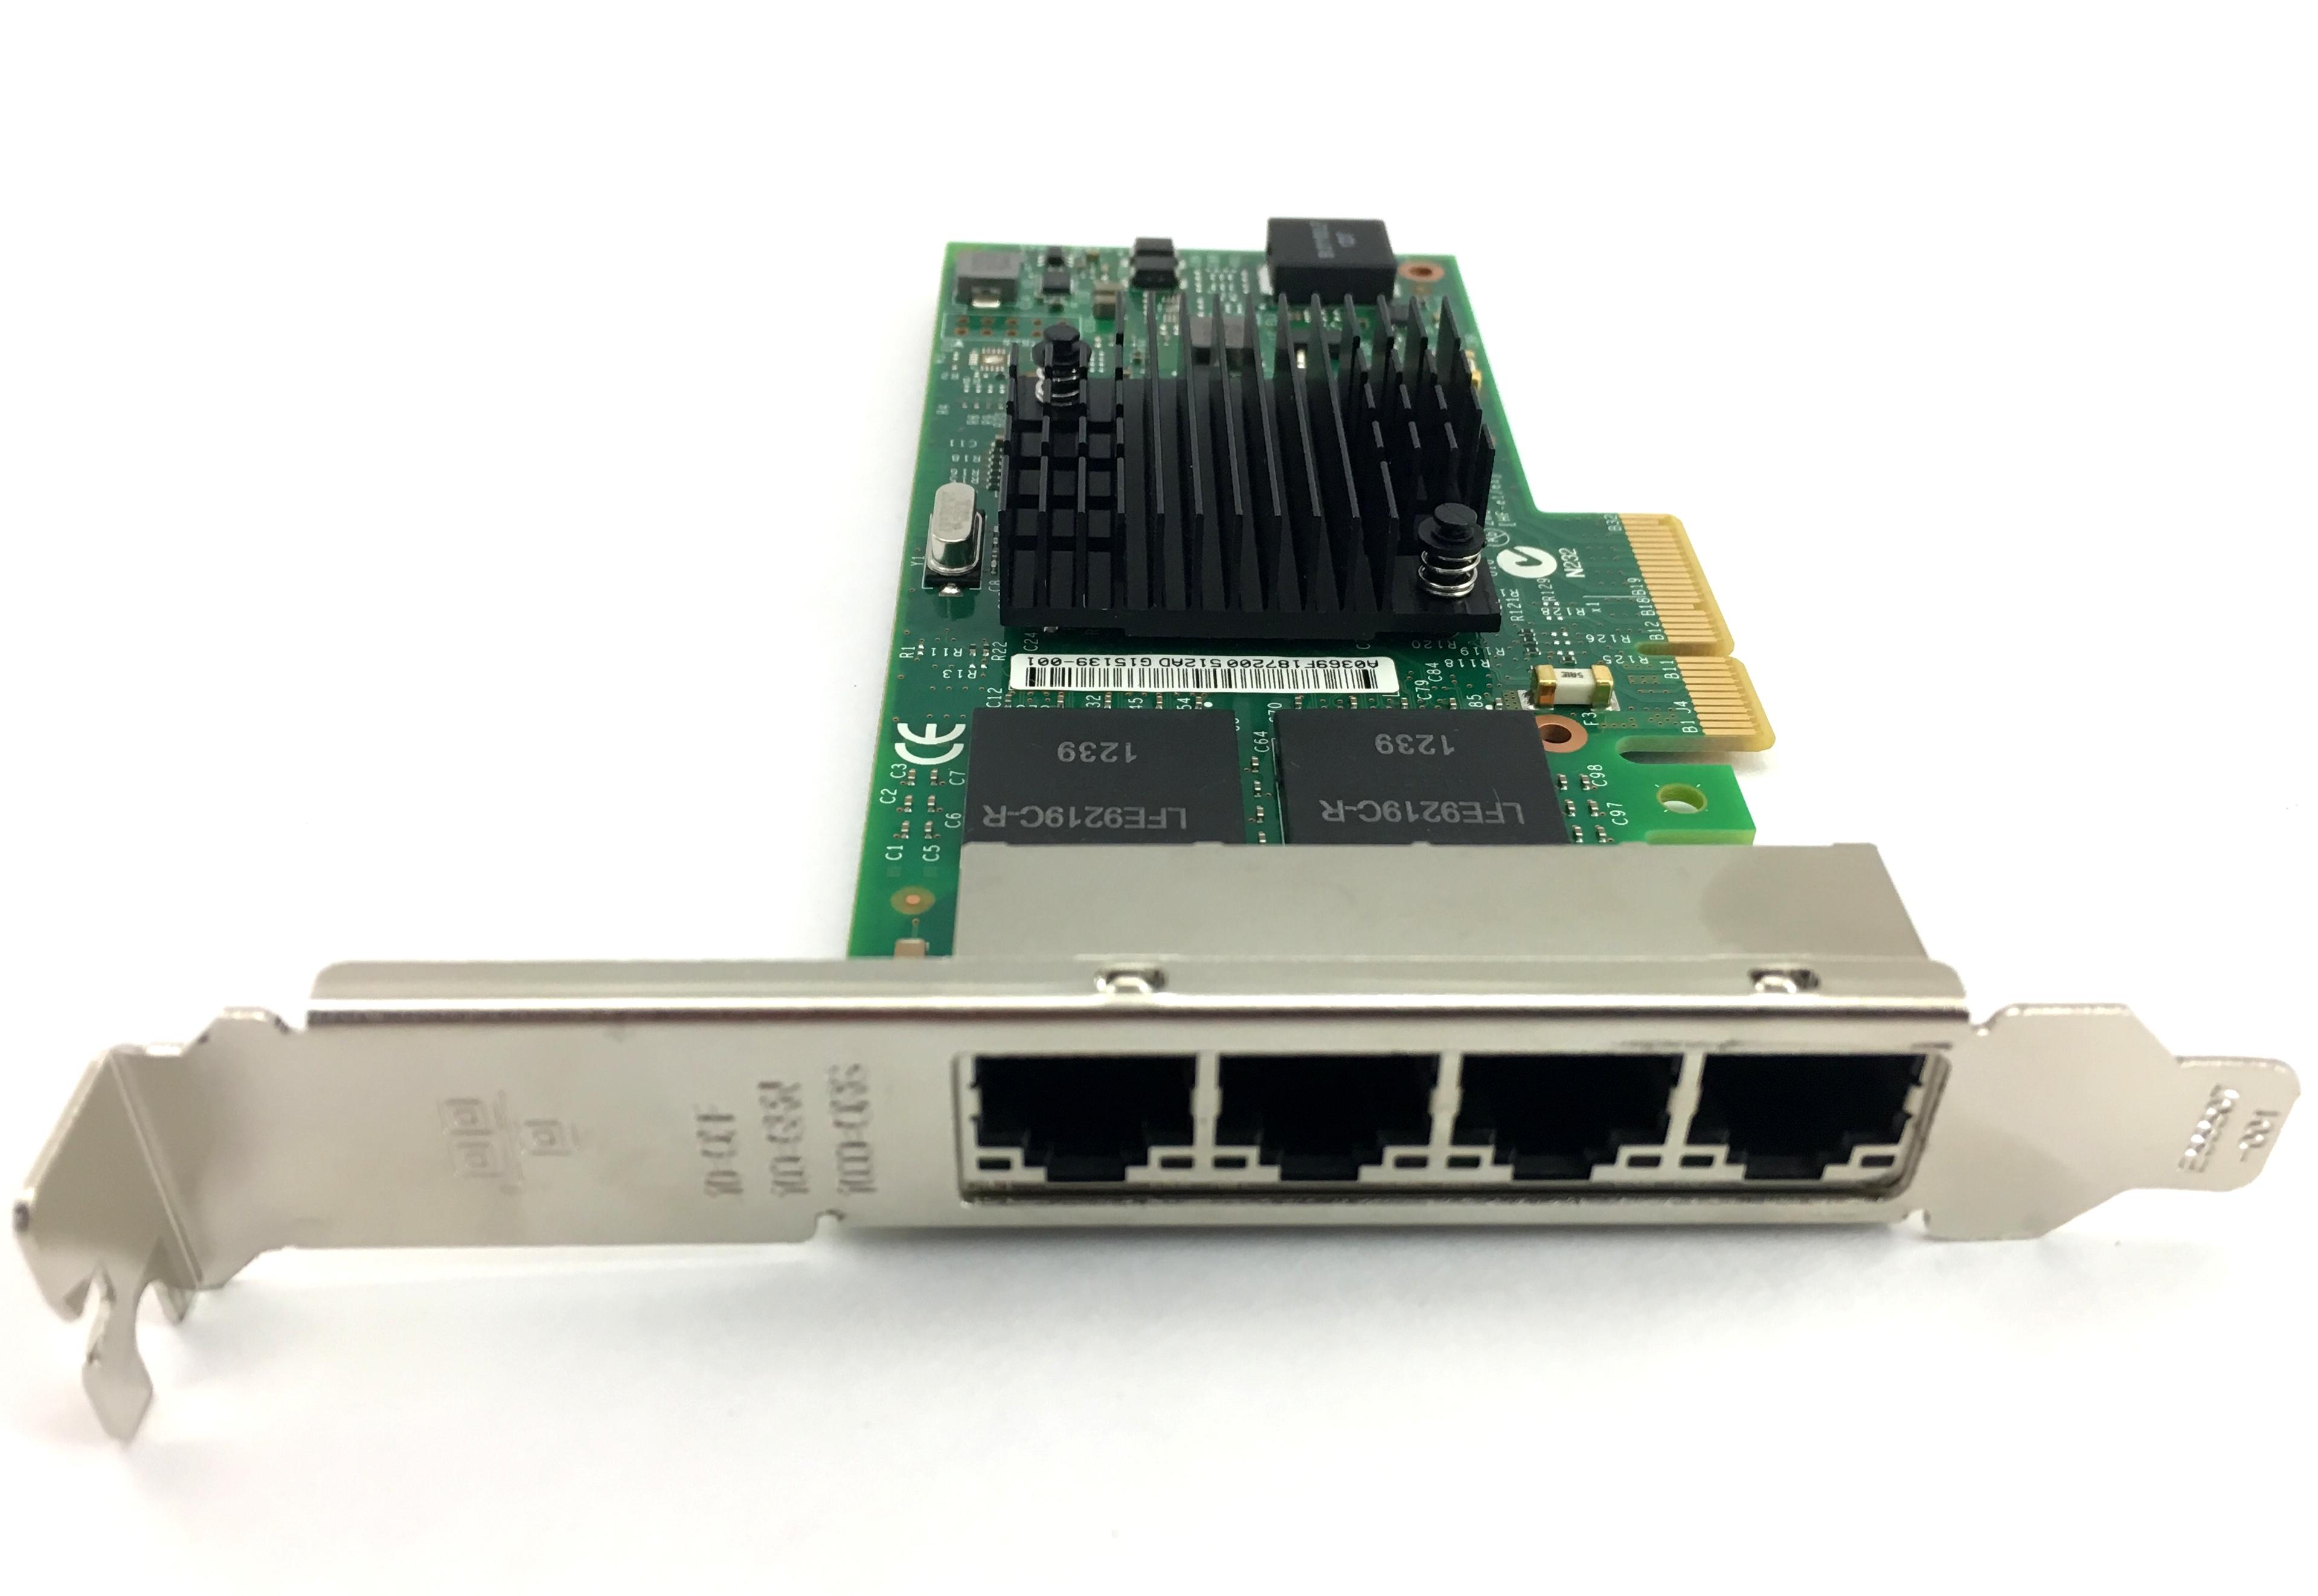 Original Intel I350-T4 4x RJ45 Ethernet Network Adapter NIC with Hologram (I350T4BLK)